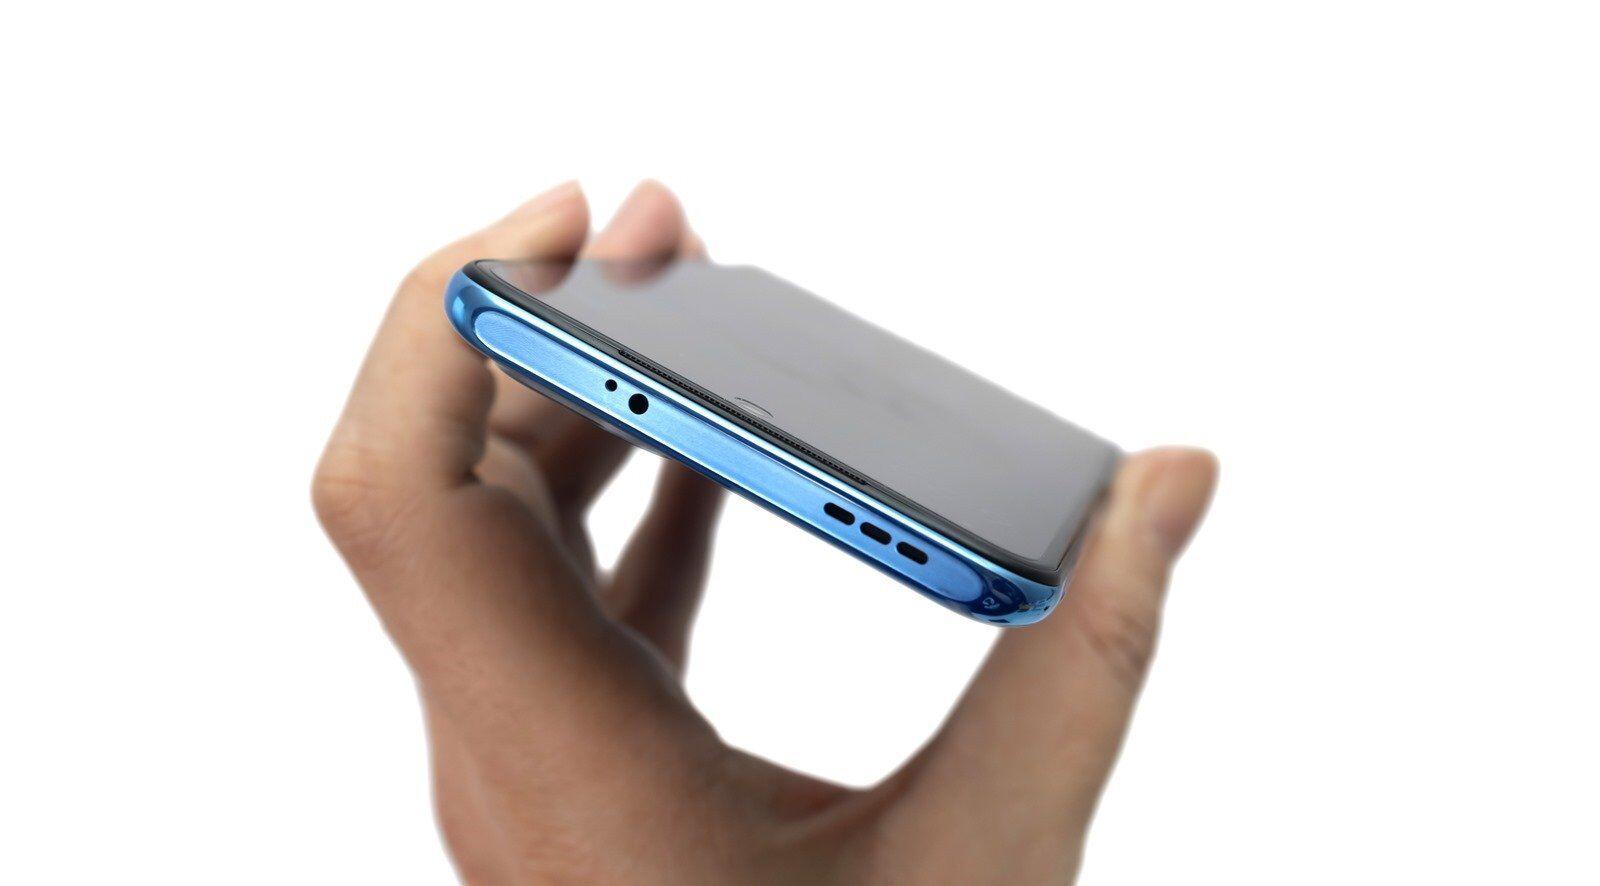 不用 5G 是更超值的選擇嗎?紅米 Note 10S 性能電力實測搶先看 @3C 達人廖阿輝